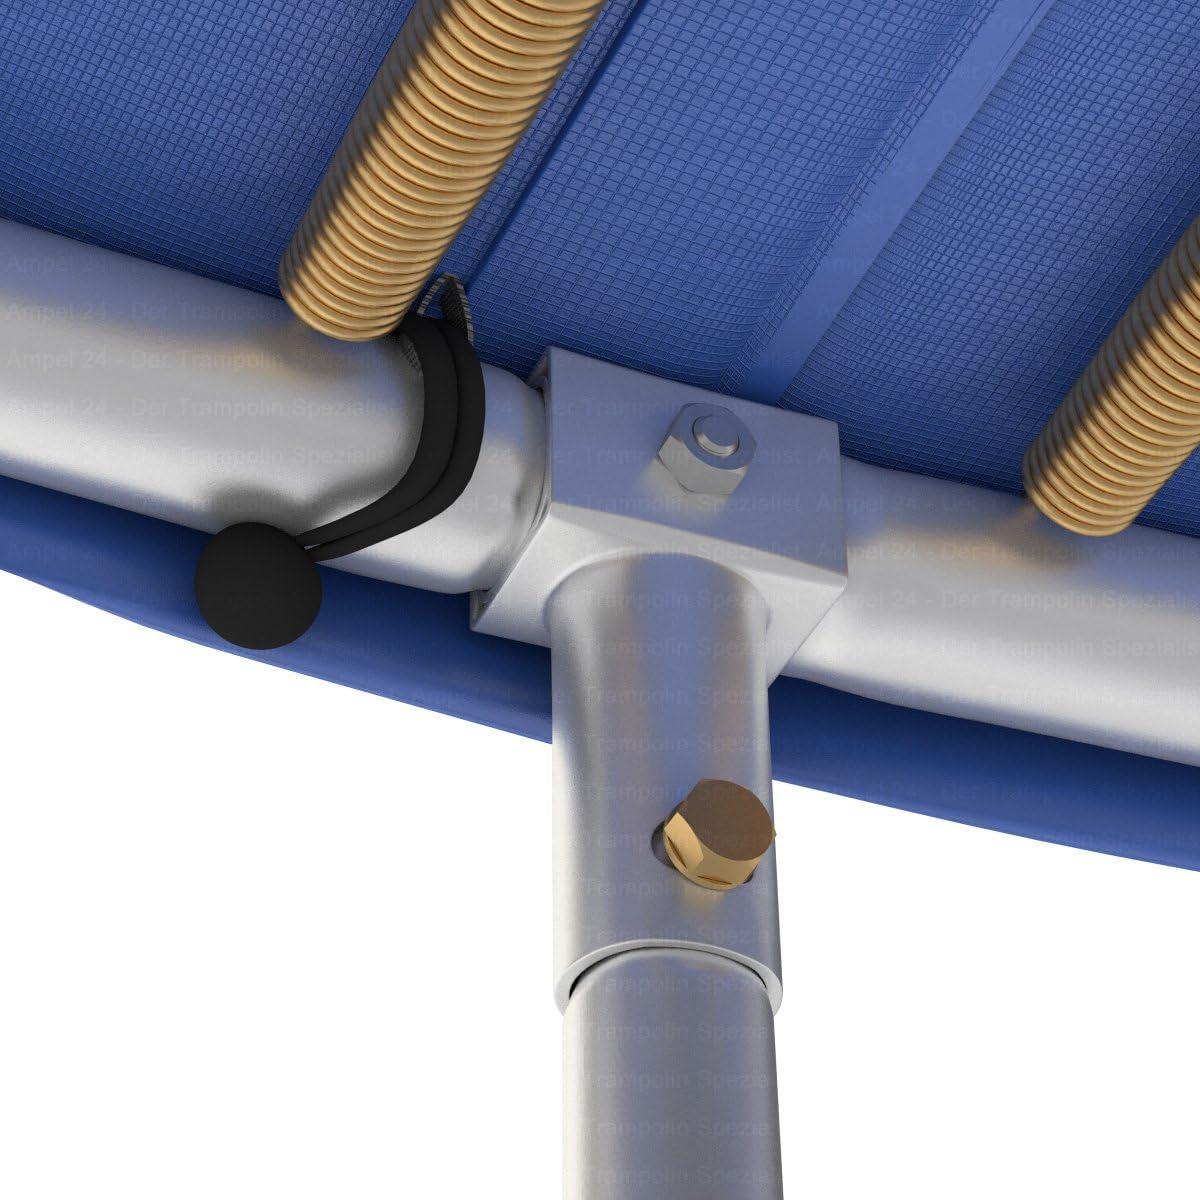 Cubierta de Bordes para Cama Elastica con un diametro de 305 cm 100/% Resistente a los Rayos UV Azul indesgarrable Ampel 24